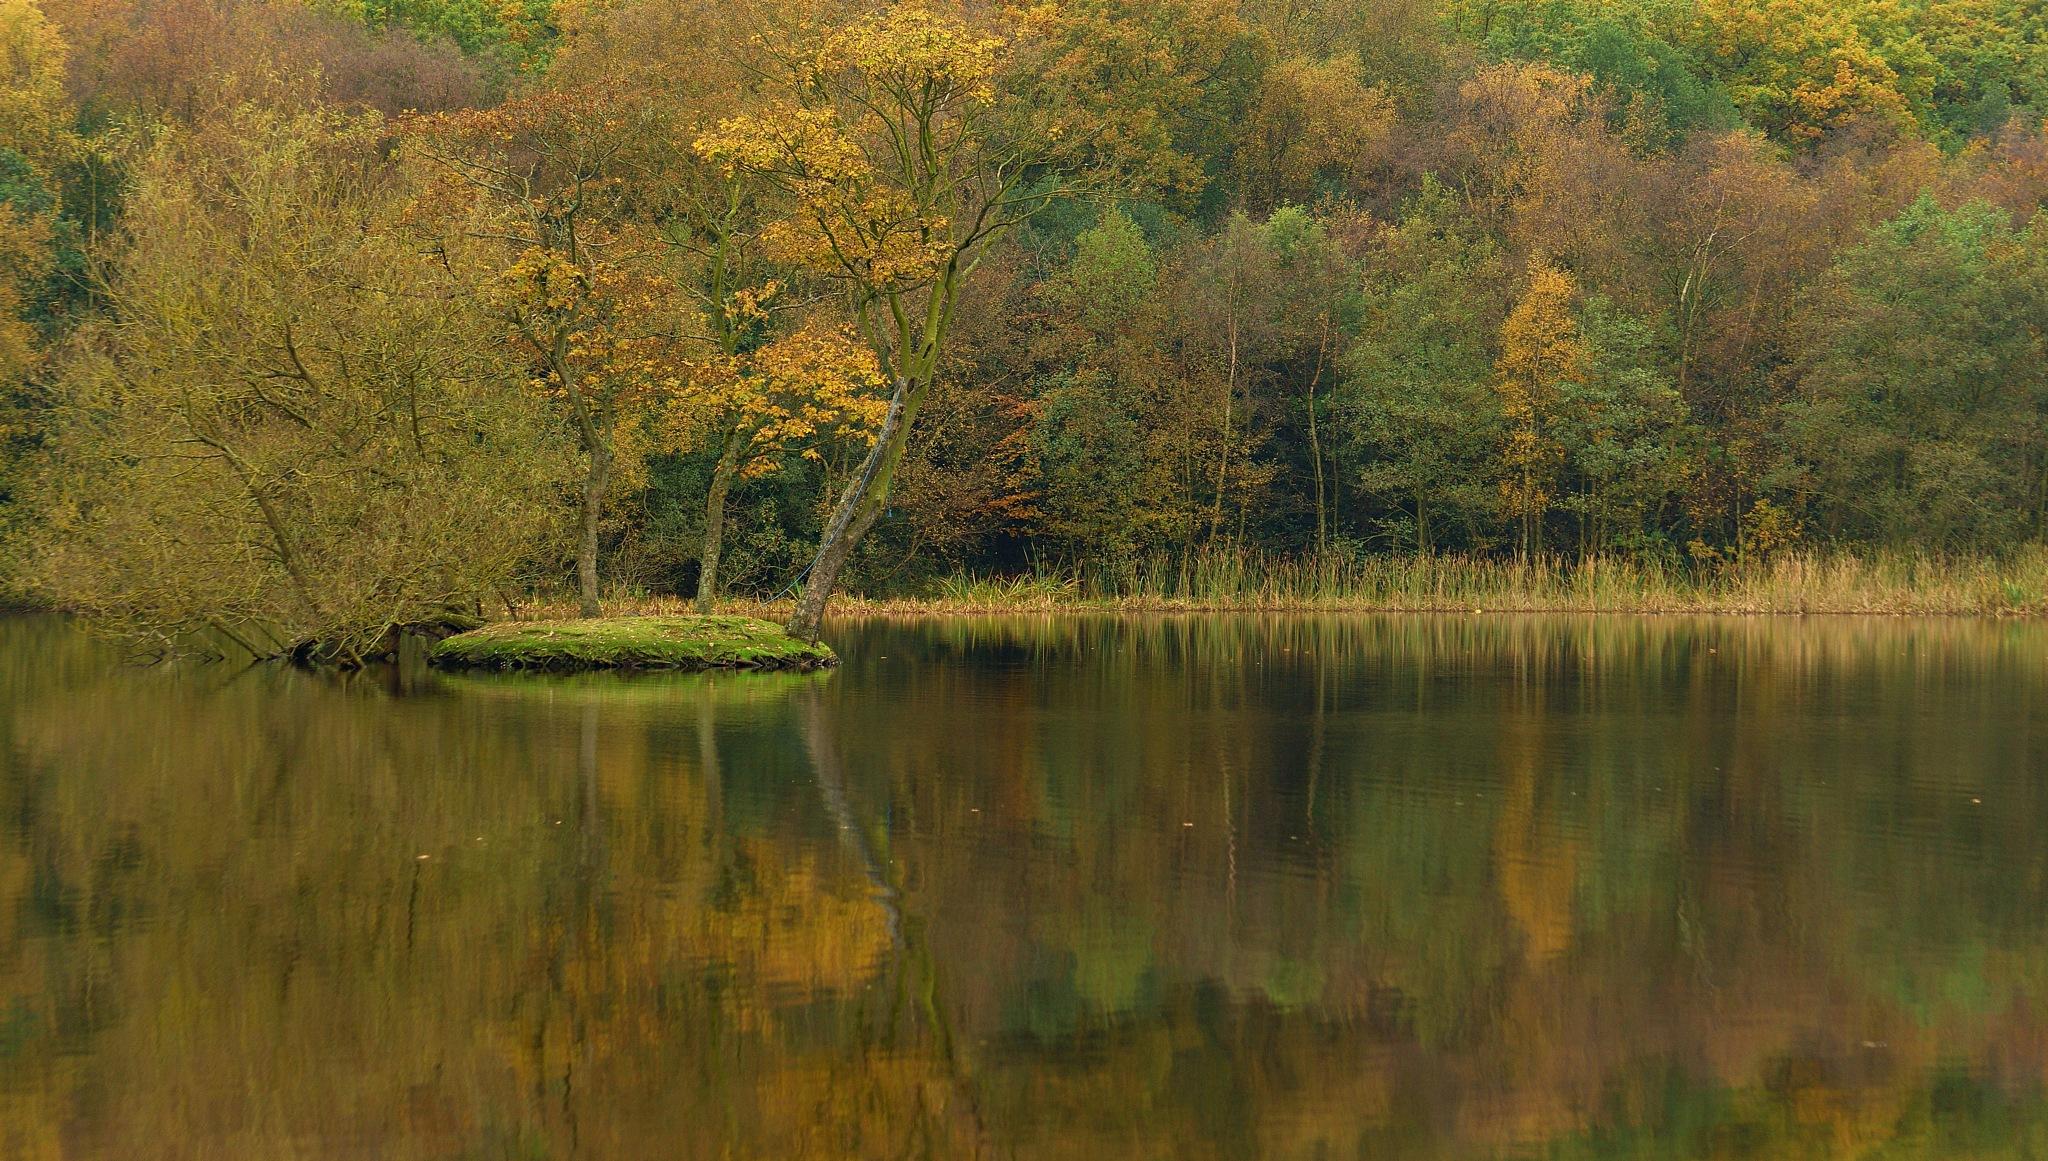 Autumn by hammarbytp